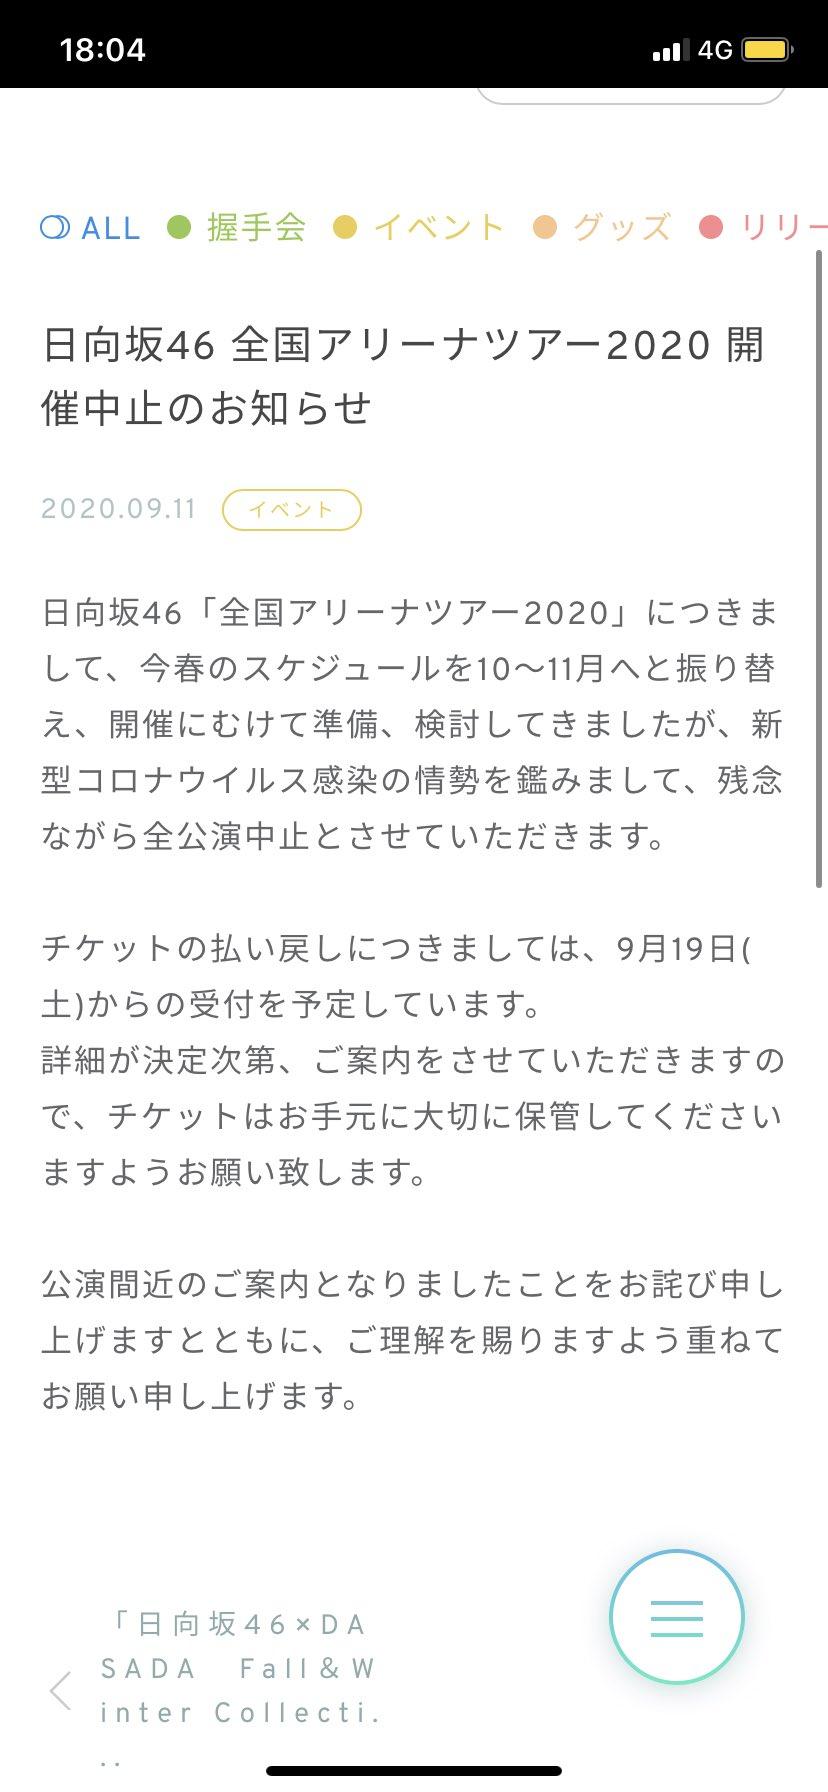 「日向坂46全国アリーナツアー2020」開催中止